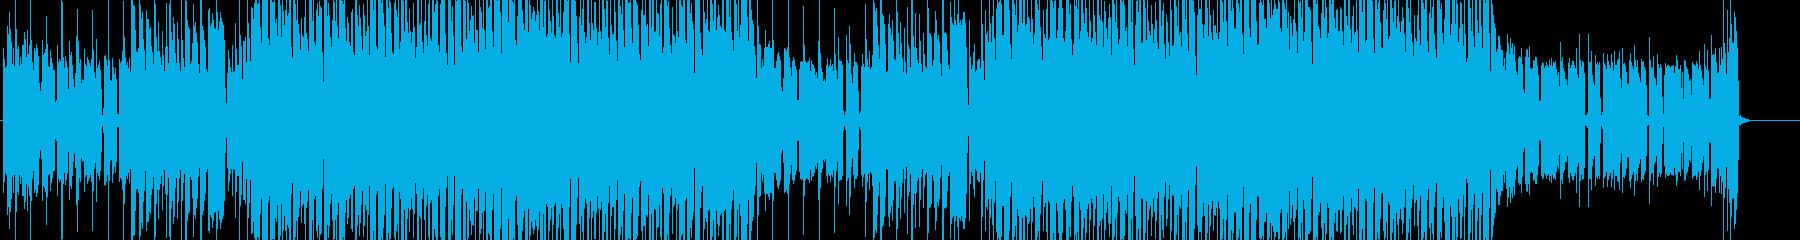 ギターカッティングが特徴的なポップスの再生済みの波形